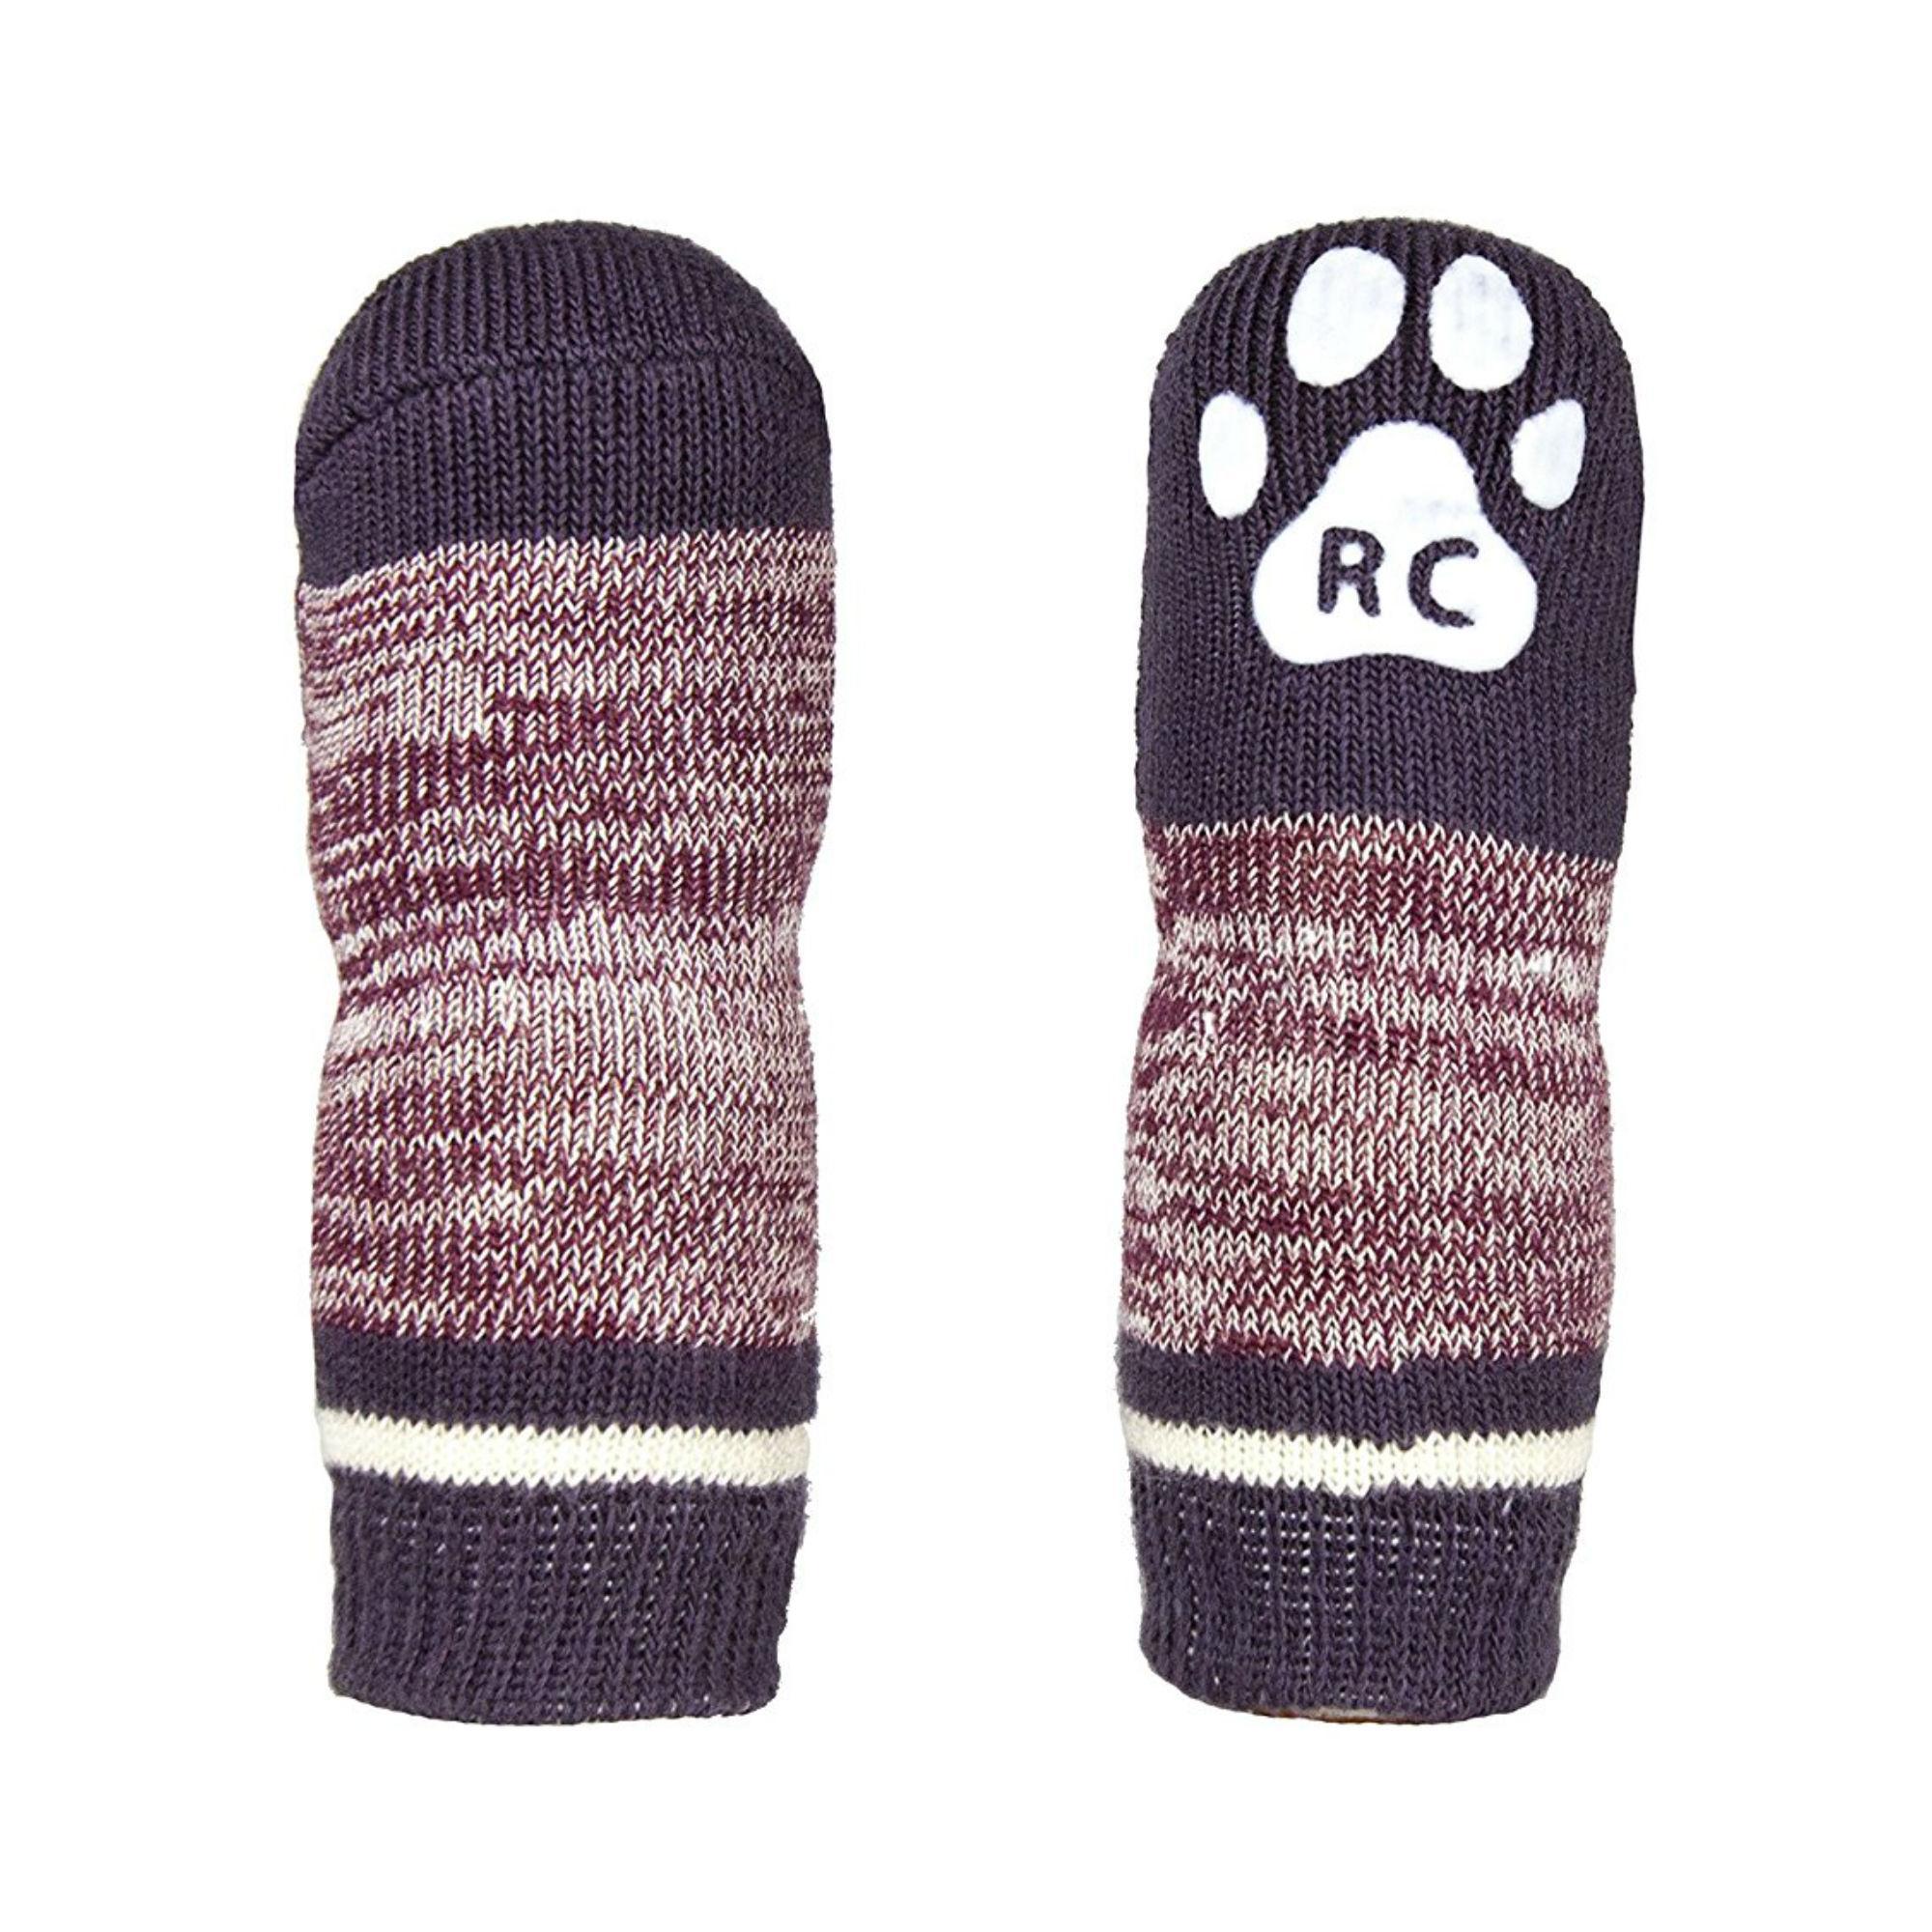 Melange PAWks Dog Socks - Burgundy